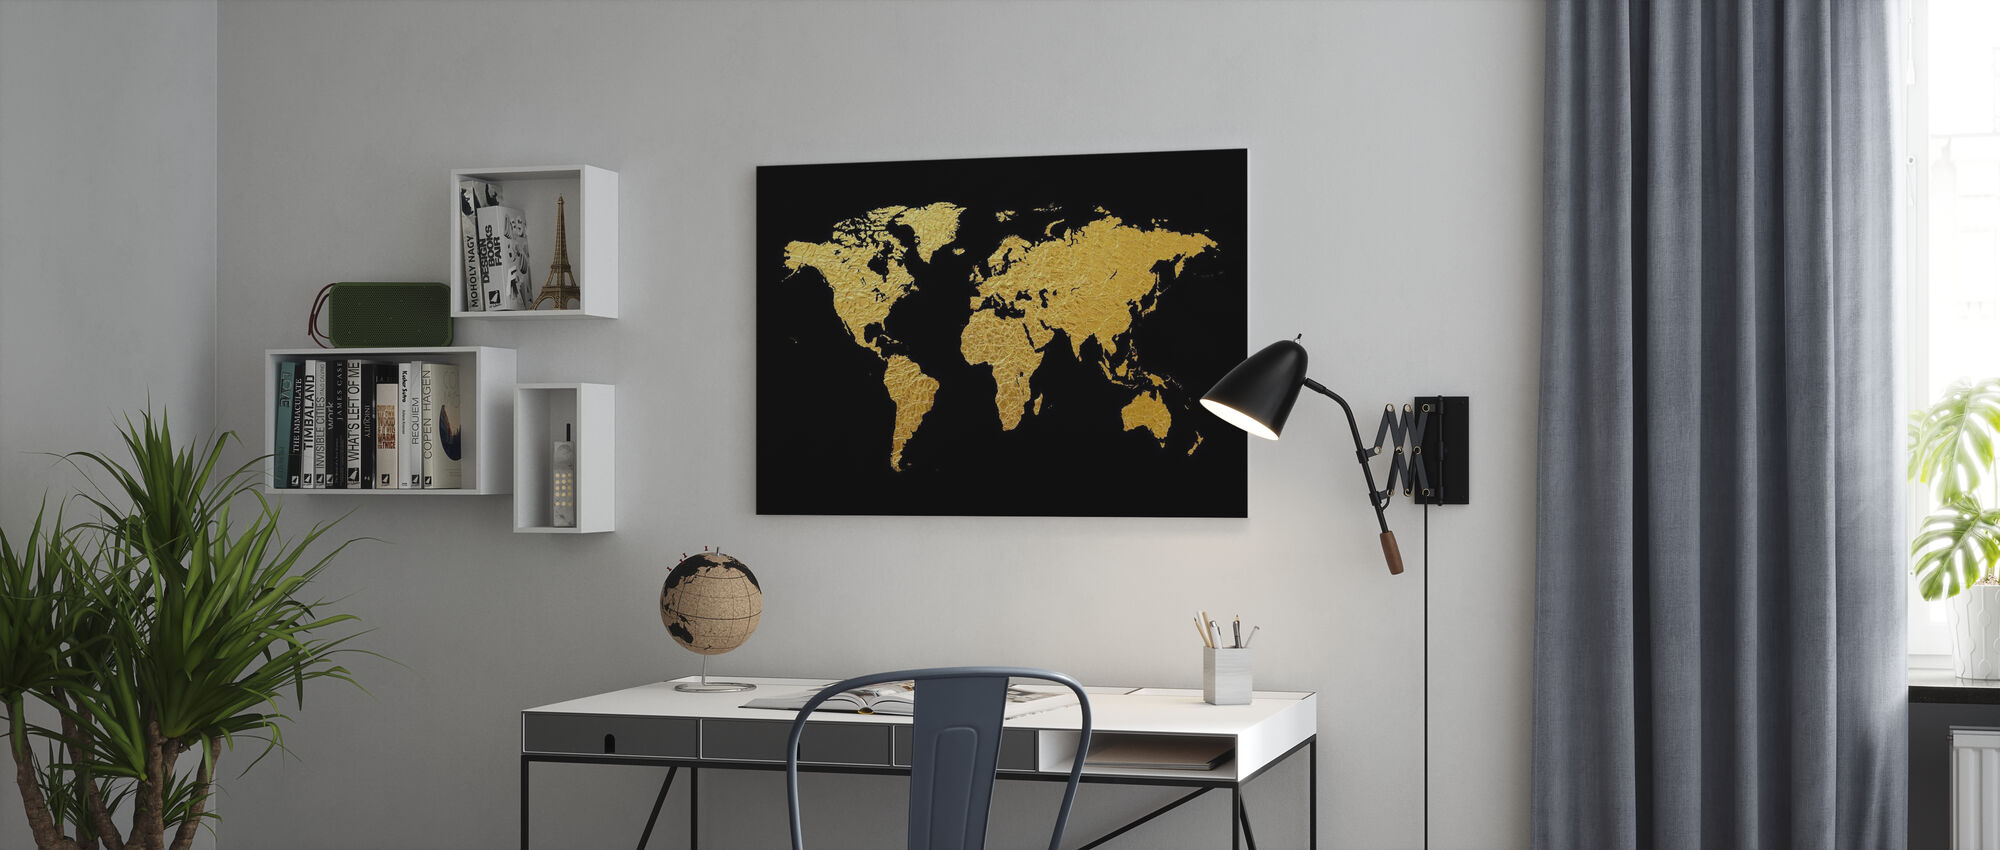 Gouden wereldkaart met zwarte achtergrond - Canvas print - Kantoor